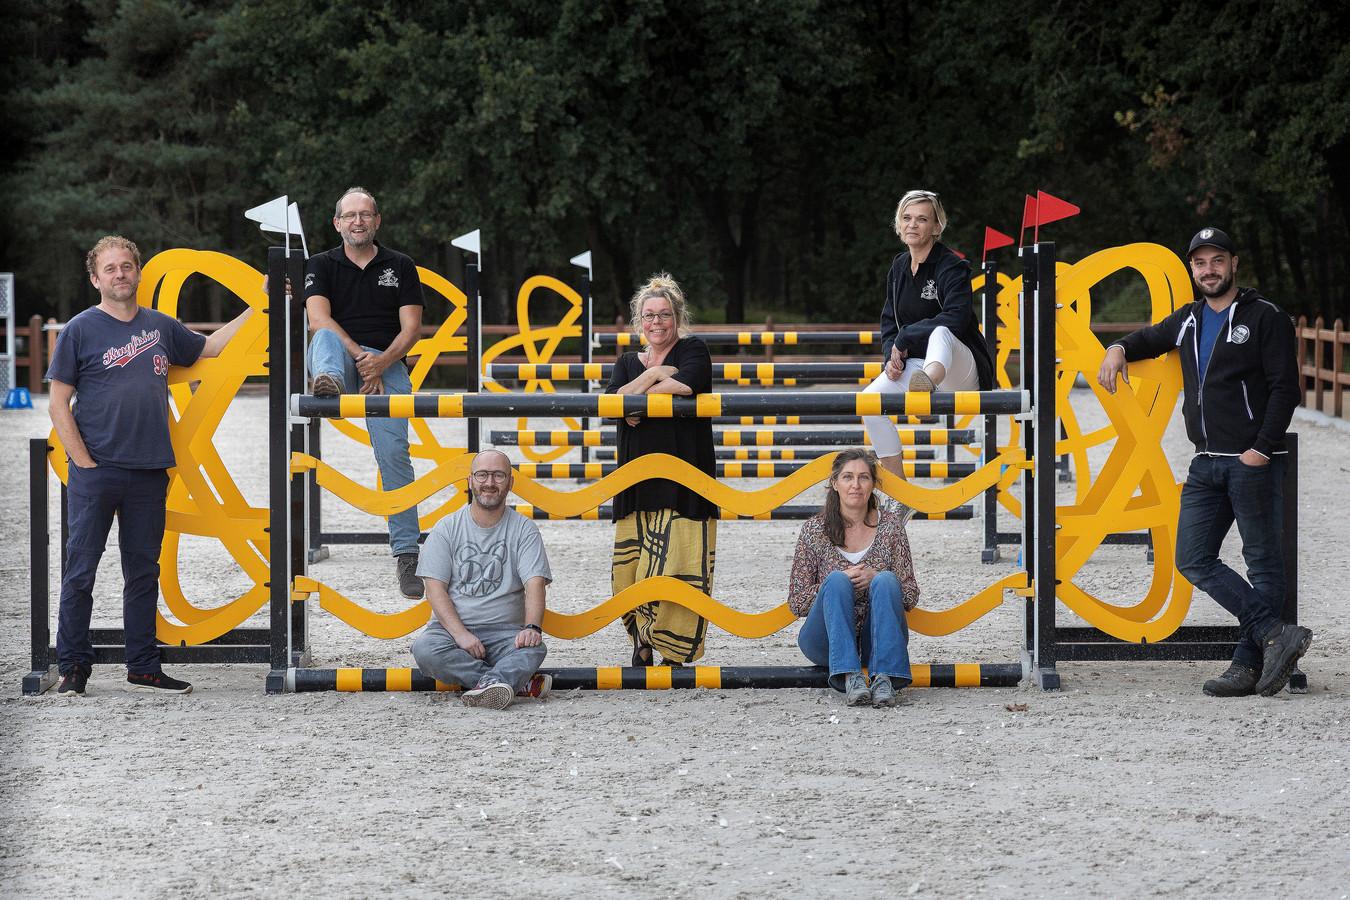 Van links naar rechts: Leon van der Elsen, Stefan van der Heijden, Gabriel van Eekelen, Paulien Beumer, Margon Gerlings, Annemarie Evers en Rob van Berlo